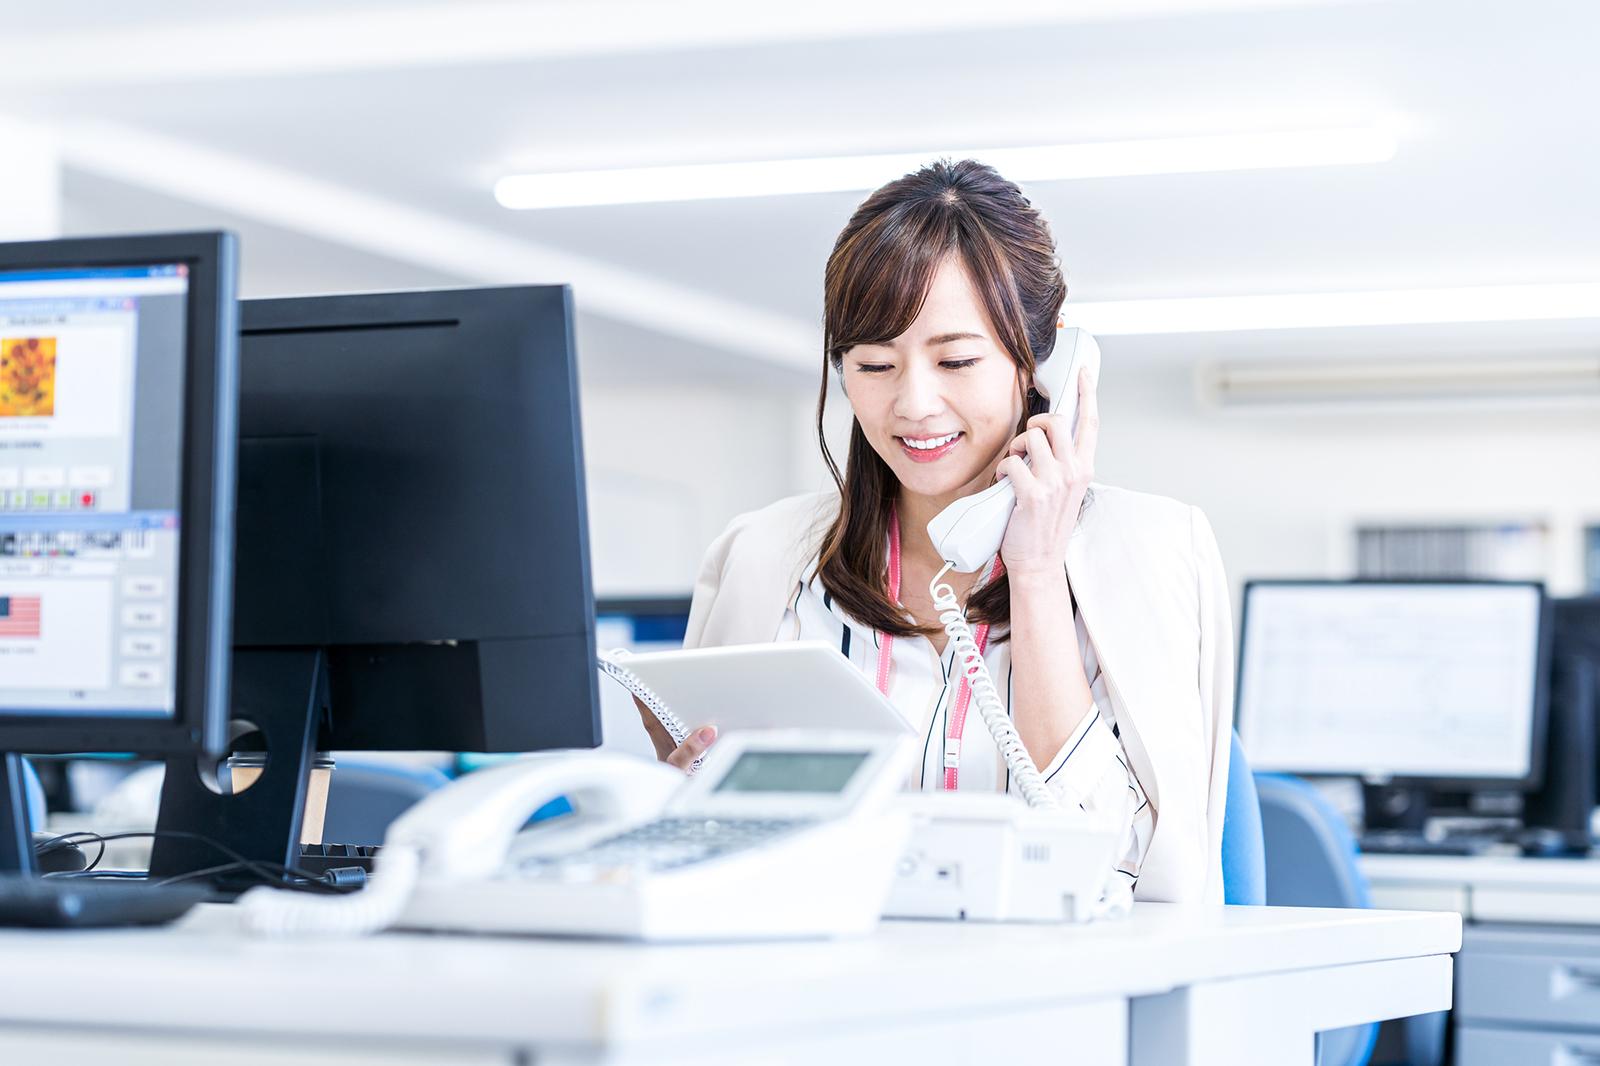 電話転送システム「TRANSPHONE CALL」